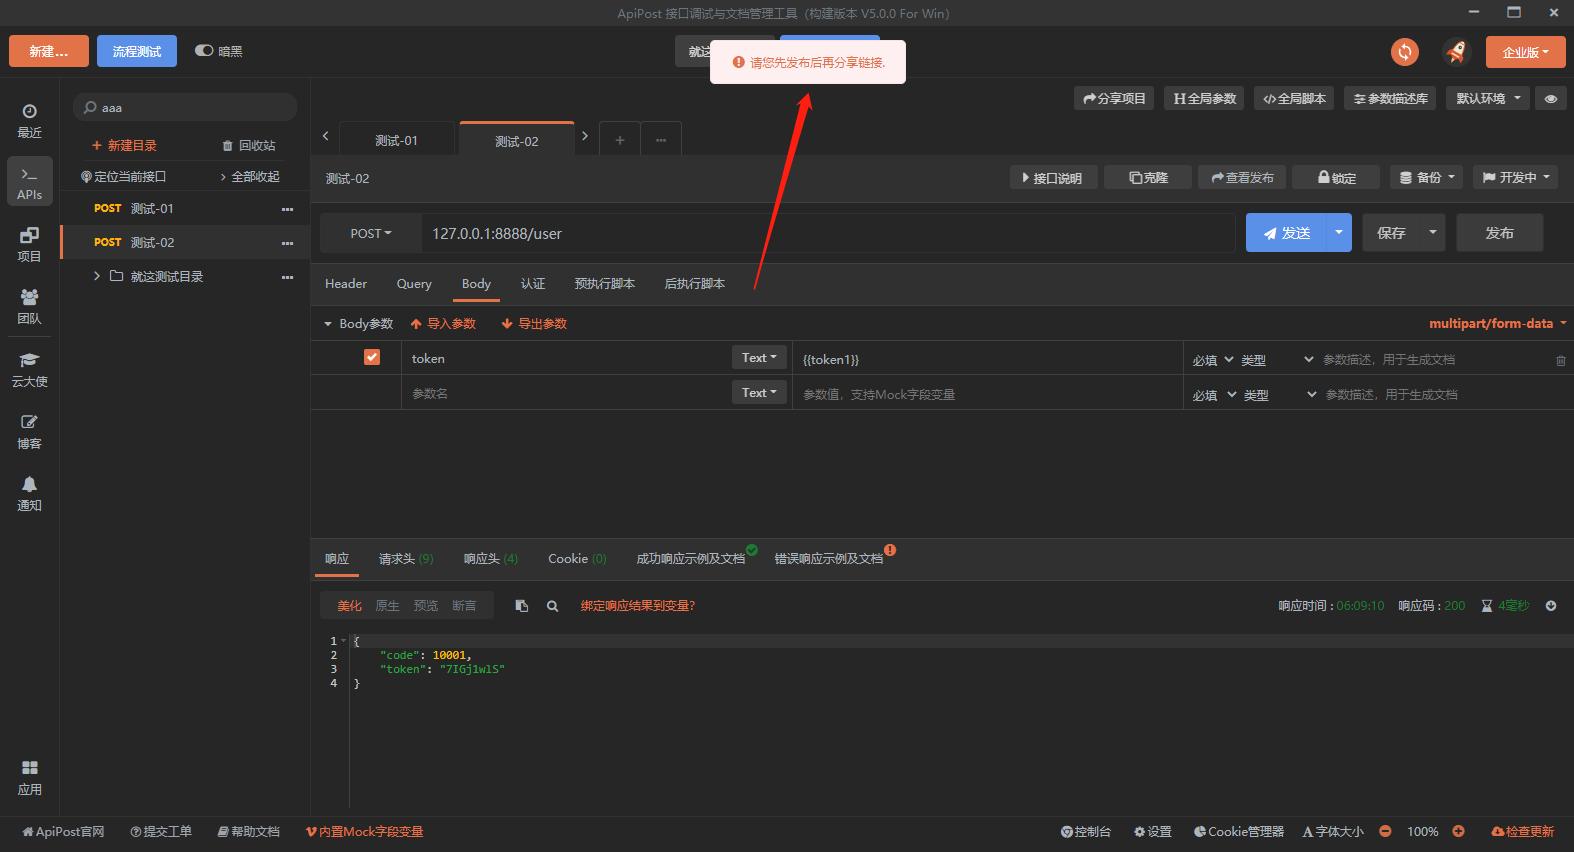 项目、目录分享为什么为空------------ApiPost V5.0版本如何分享目录和项目